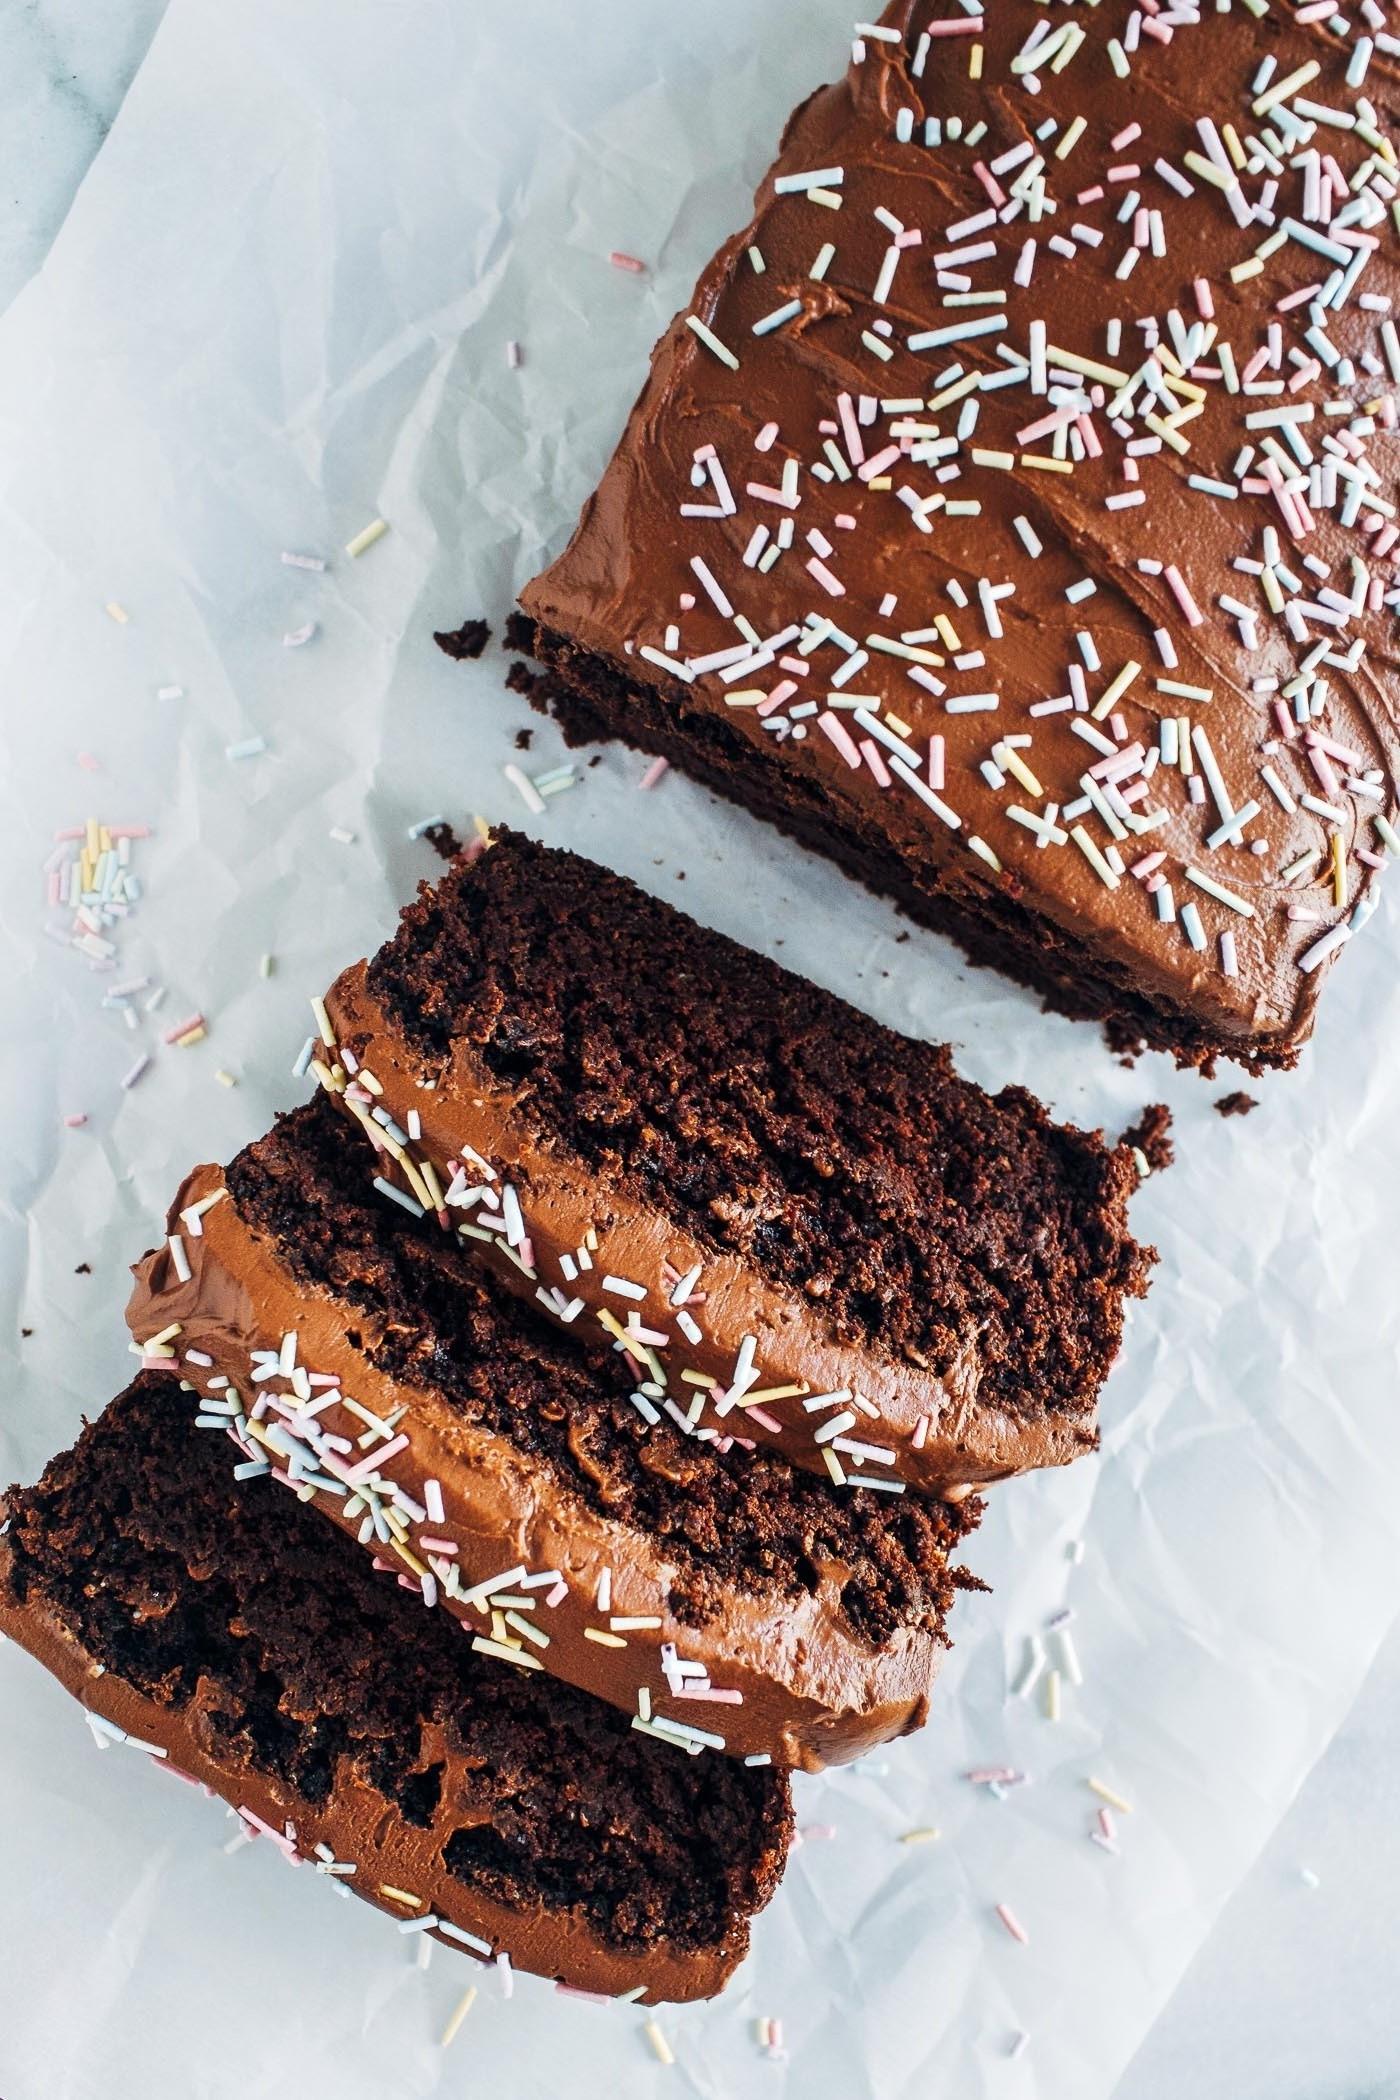 18 Zucchini Bread Recipes Everyone Will Love: Double Chocolate Zucchini Cake